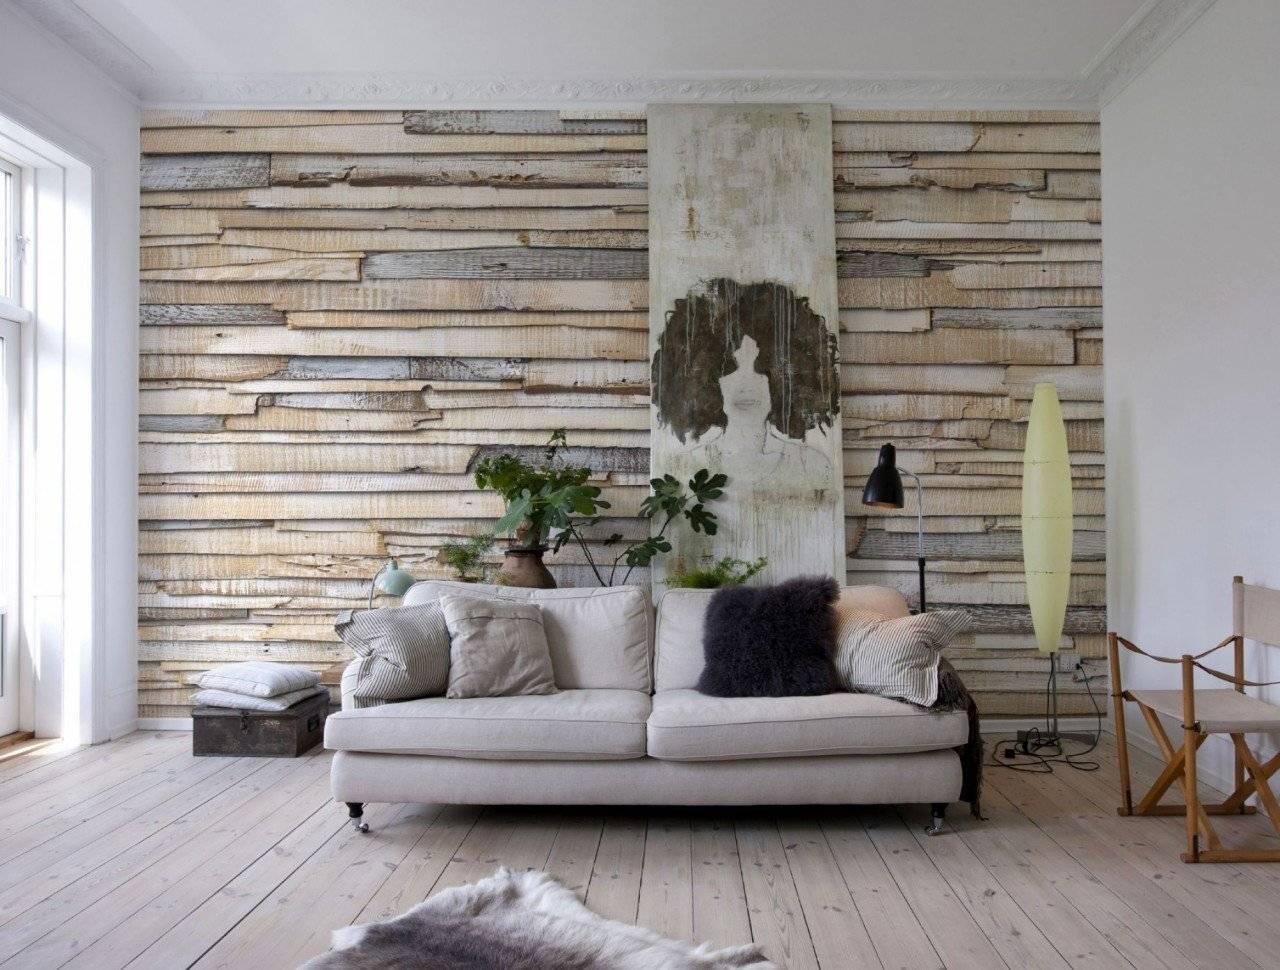 Деревянные панели для внутренней отделки стен (90 фото): декоративные стен материалами из дерева и массива - интересные идеи